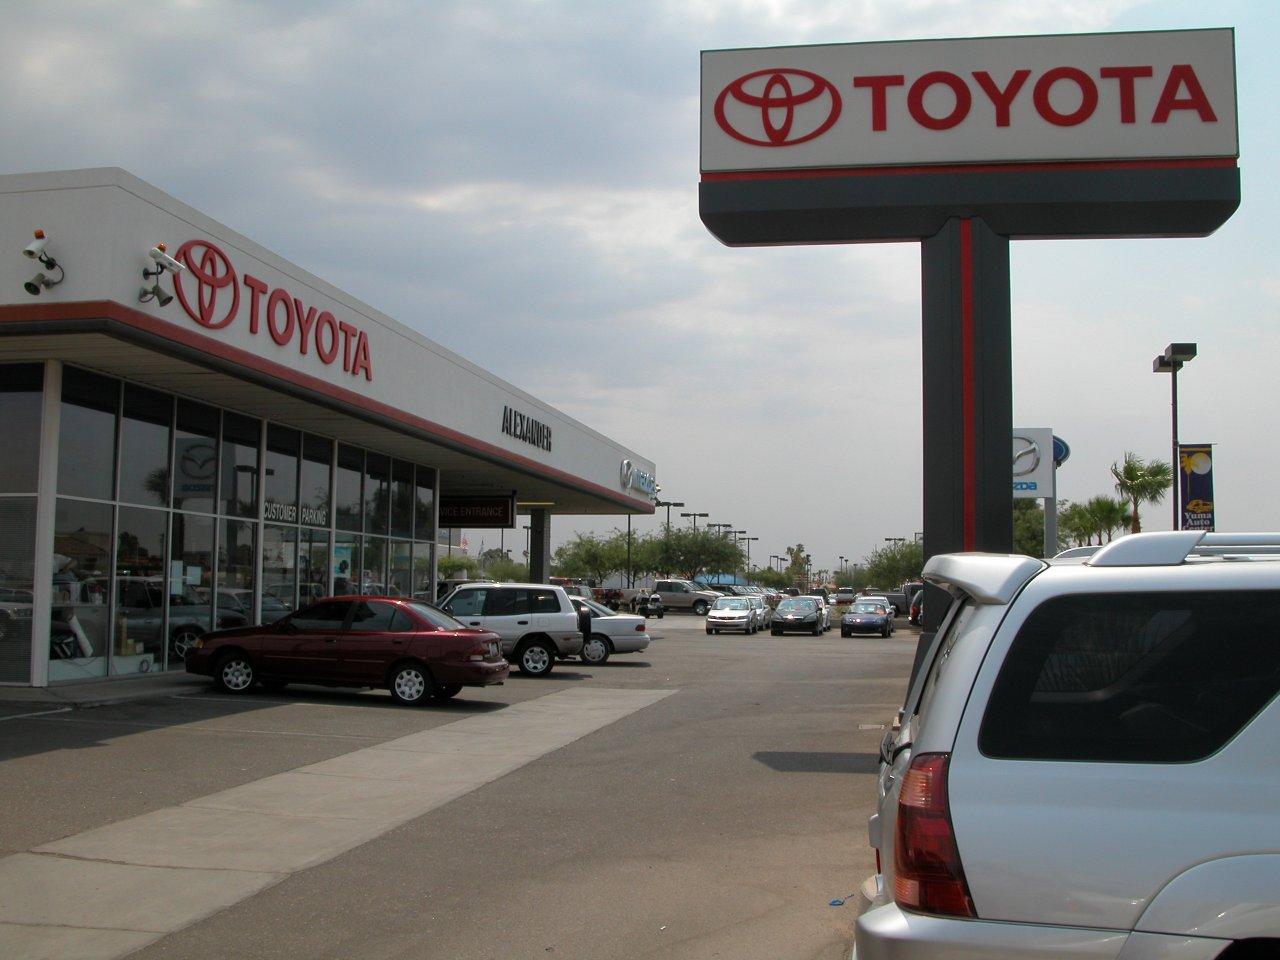 Alexander ford again toyota dealership in yuma